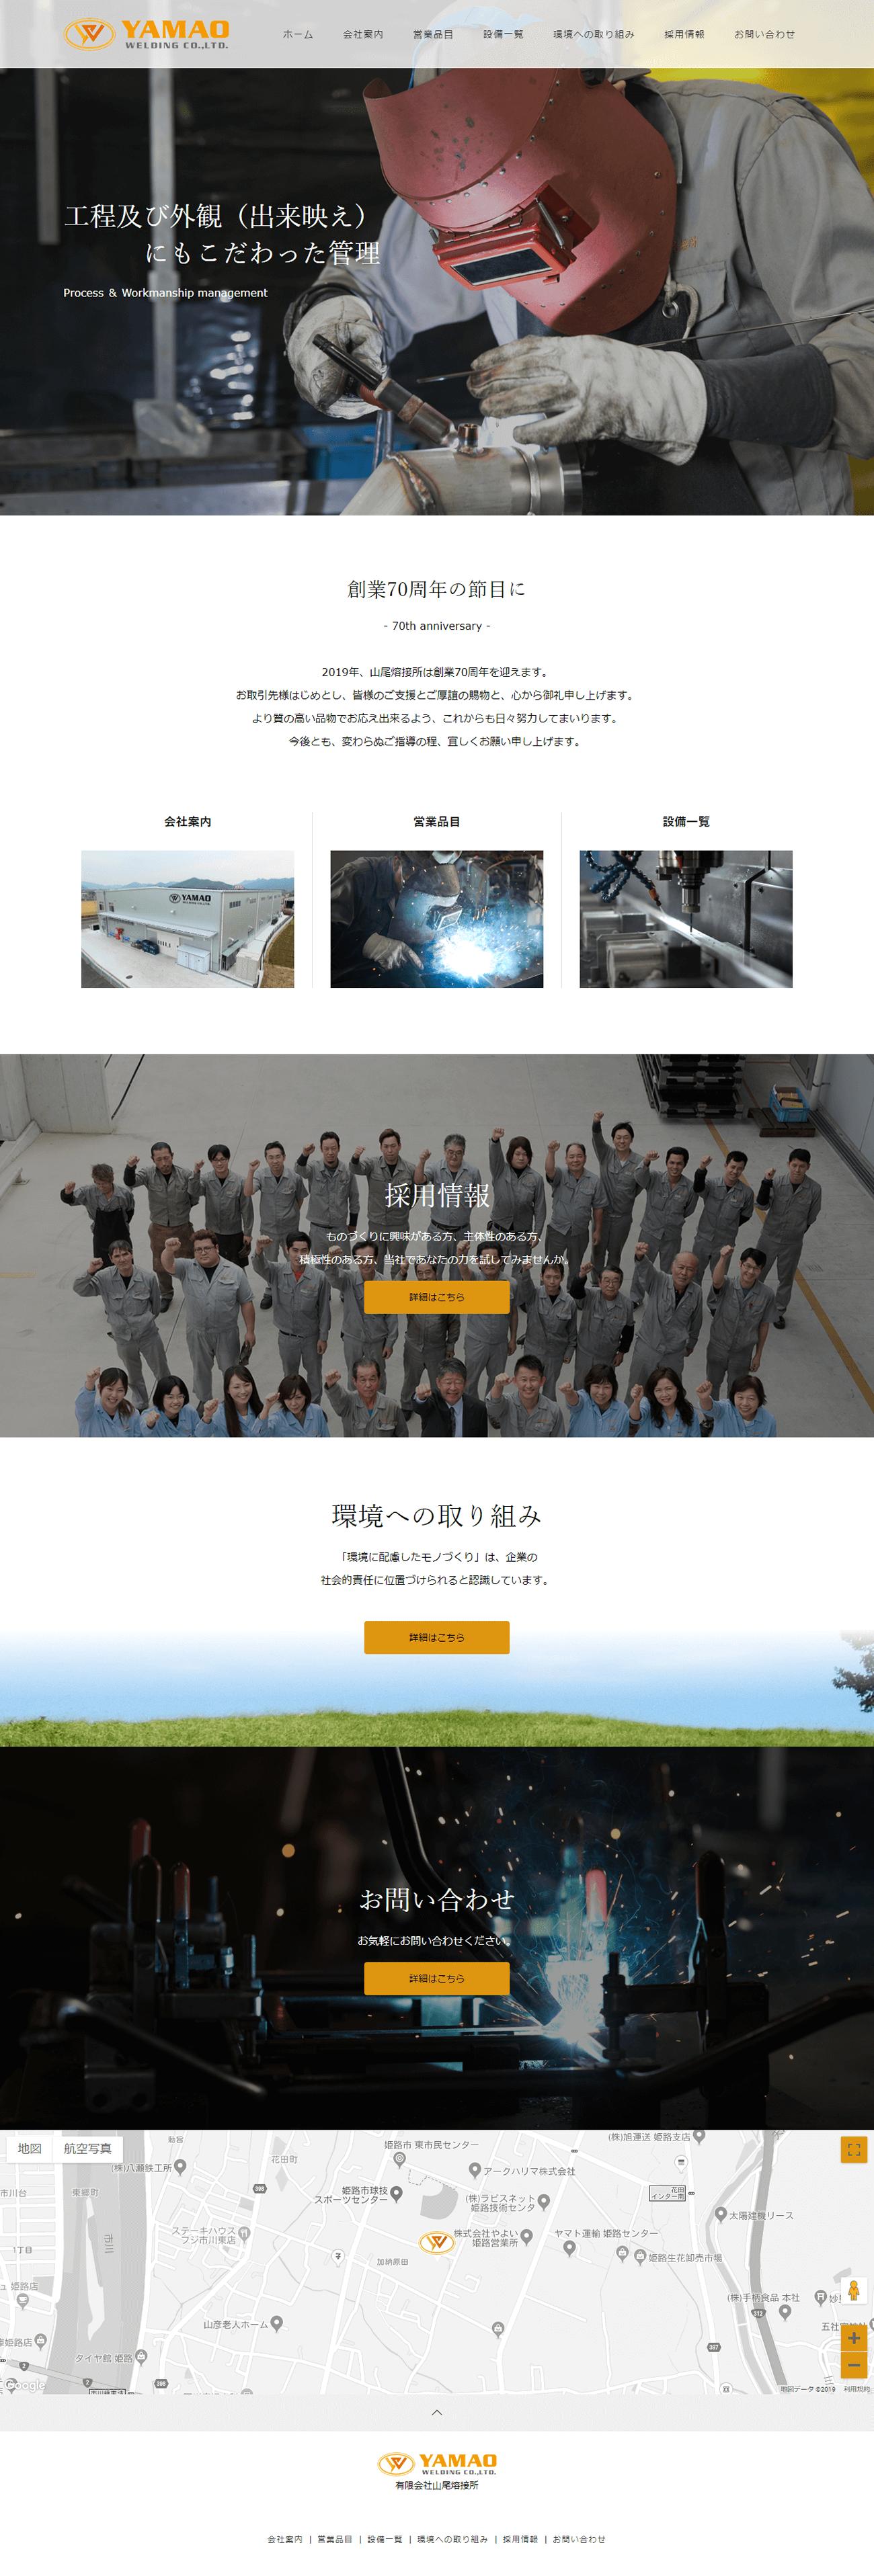 姫路市 有限会社山尾熔接所 ホームページ制作1